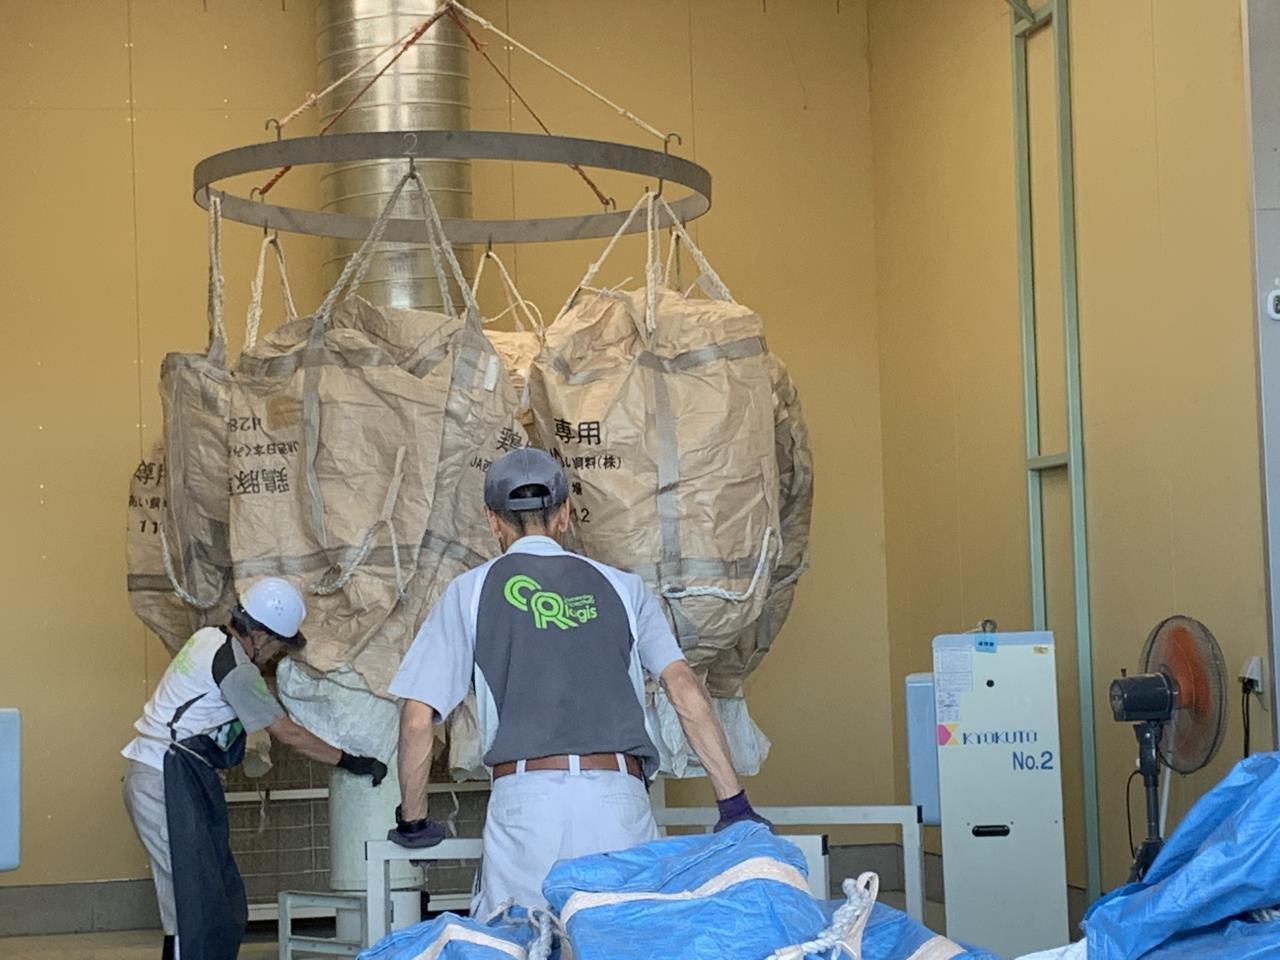 袋を再利用するための軽作業